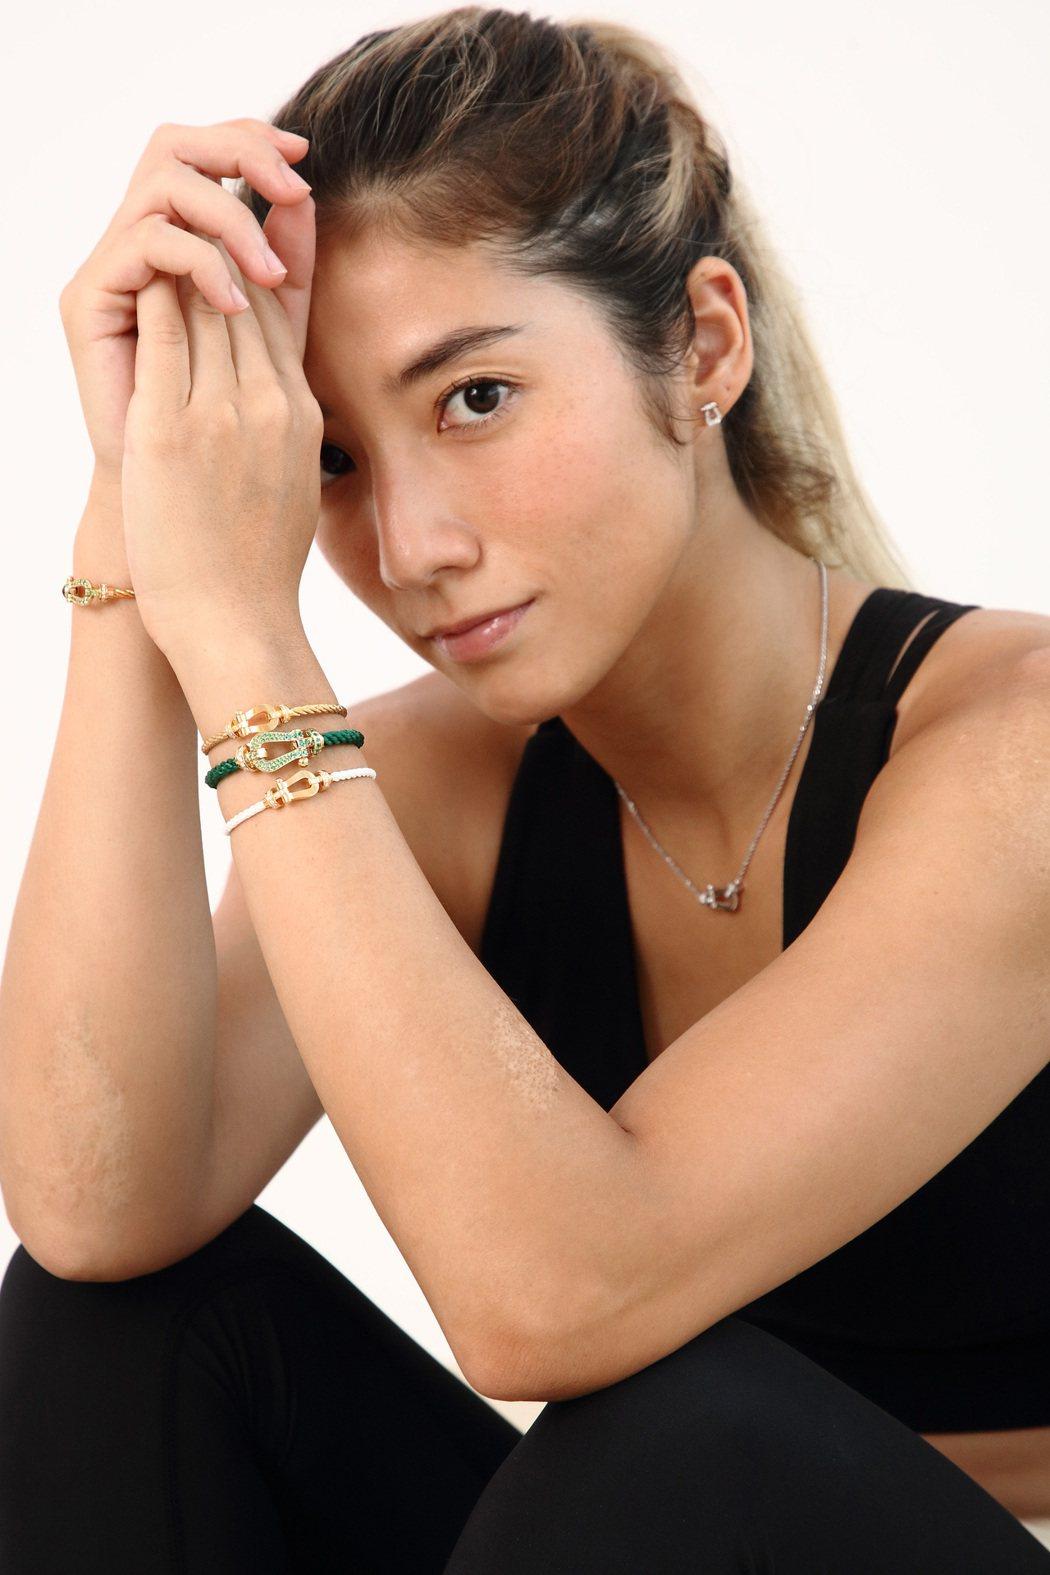 瑞瑪席丹開線上健身課程。圖/彥恩國際經紀提供